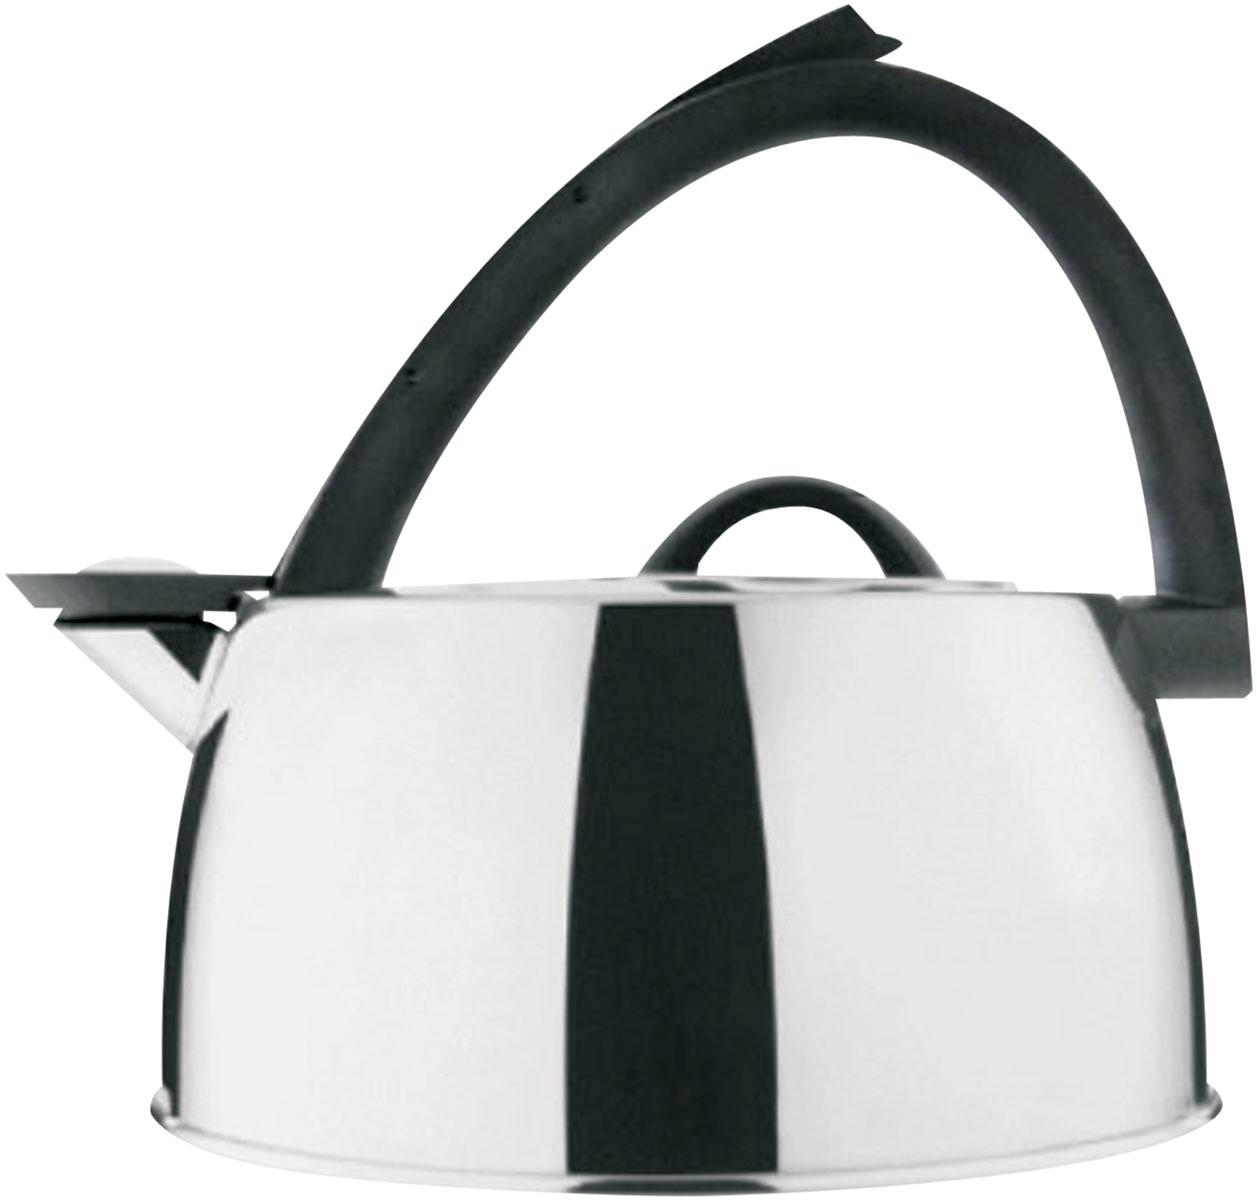 Чайник Bekker De Luxe со свистком, 3 л. BK-S419BK-S419Чайник Bekker De Luxe изготовлен из высококачественной нержавеющей стали 18/10 с зеркальной полировкой. Капсулированное дно распределяет тепло по всей поверхности, что позволяет чайнику быстро закипать. Эргономичная фиксированная рукоятка выполнена из бакелита черного цвета. Носик оснащен откидным свистком, который подскажет, когда вода закипела. Свисток открывается и закрывается рычагом на рукоятке. Оригинальный дизайн эффектно оформит интерьер кухни.Подходит для всех типов плит, кроме индукционных. Можно мыть в посудомоечной машине.